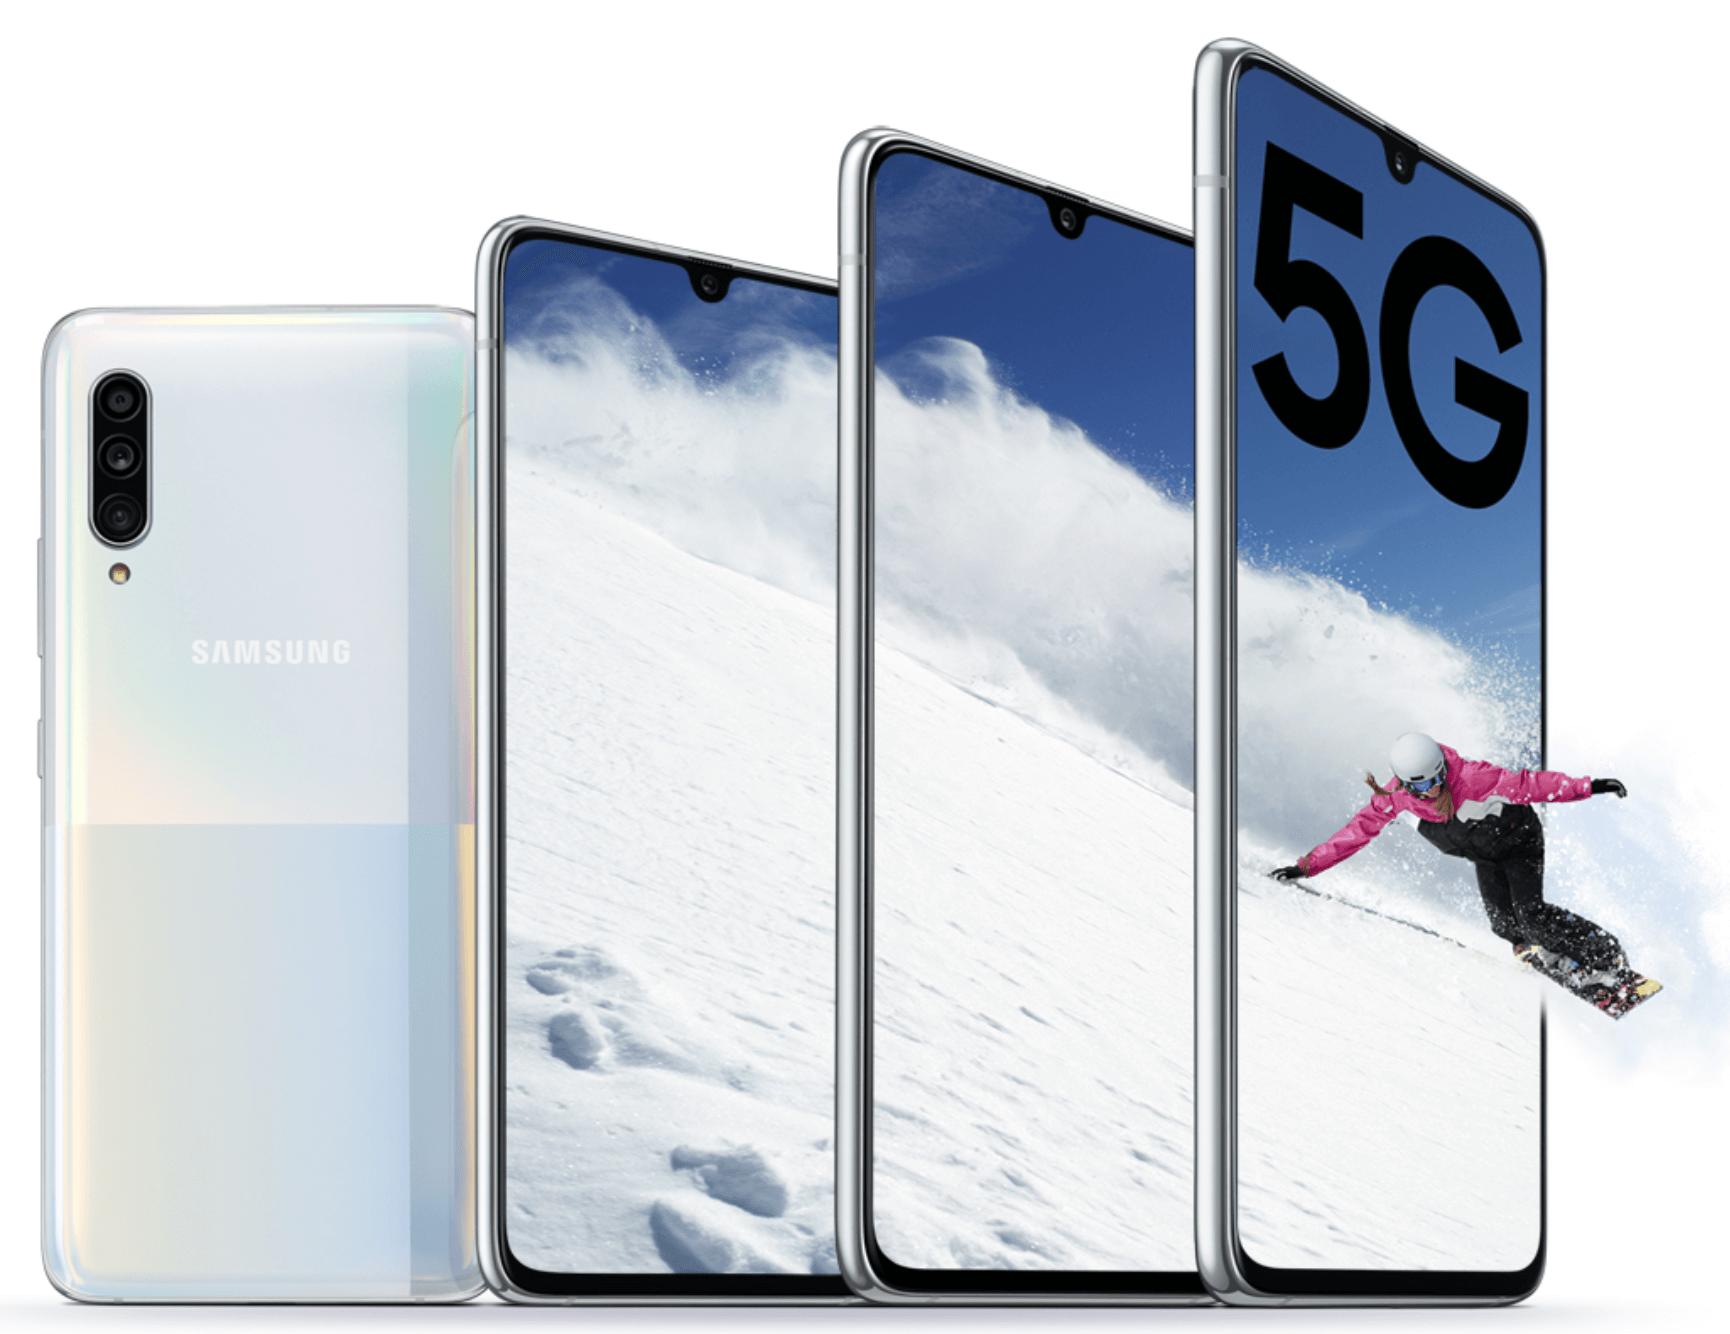 Die besten Smartphones der IFA 2019: Samsung Galaxy A90 5G - Image by Samsung